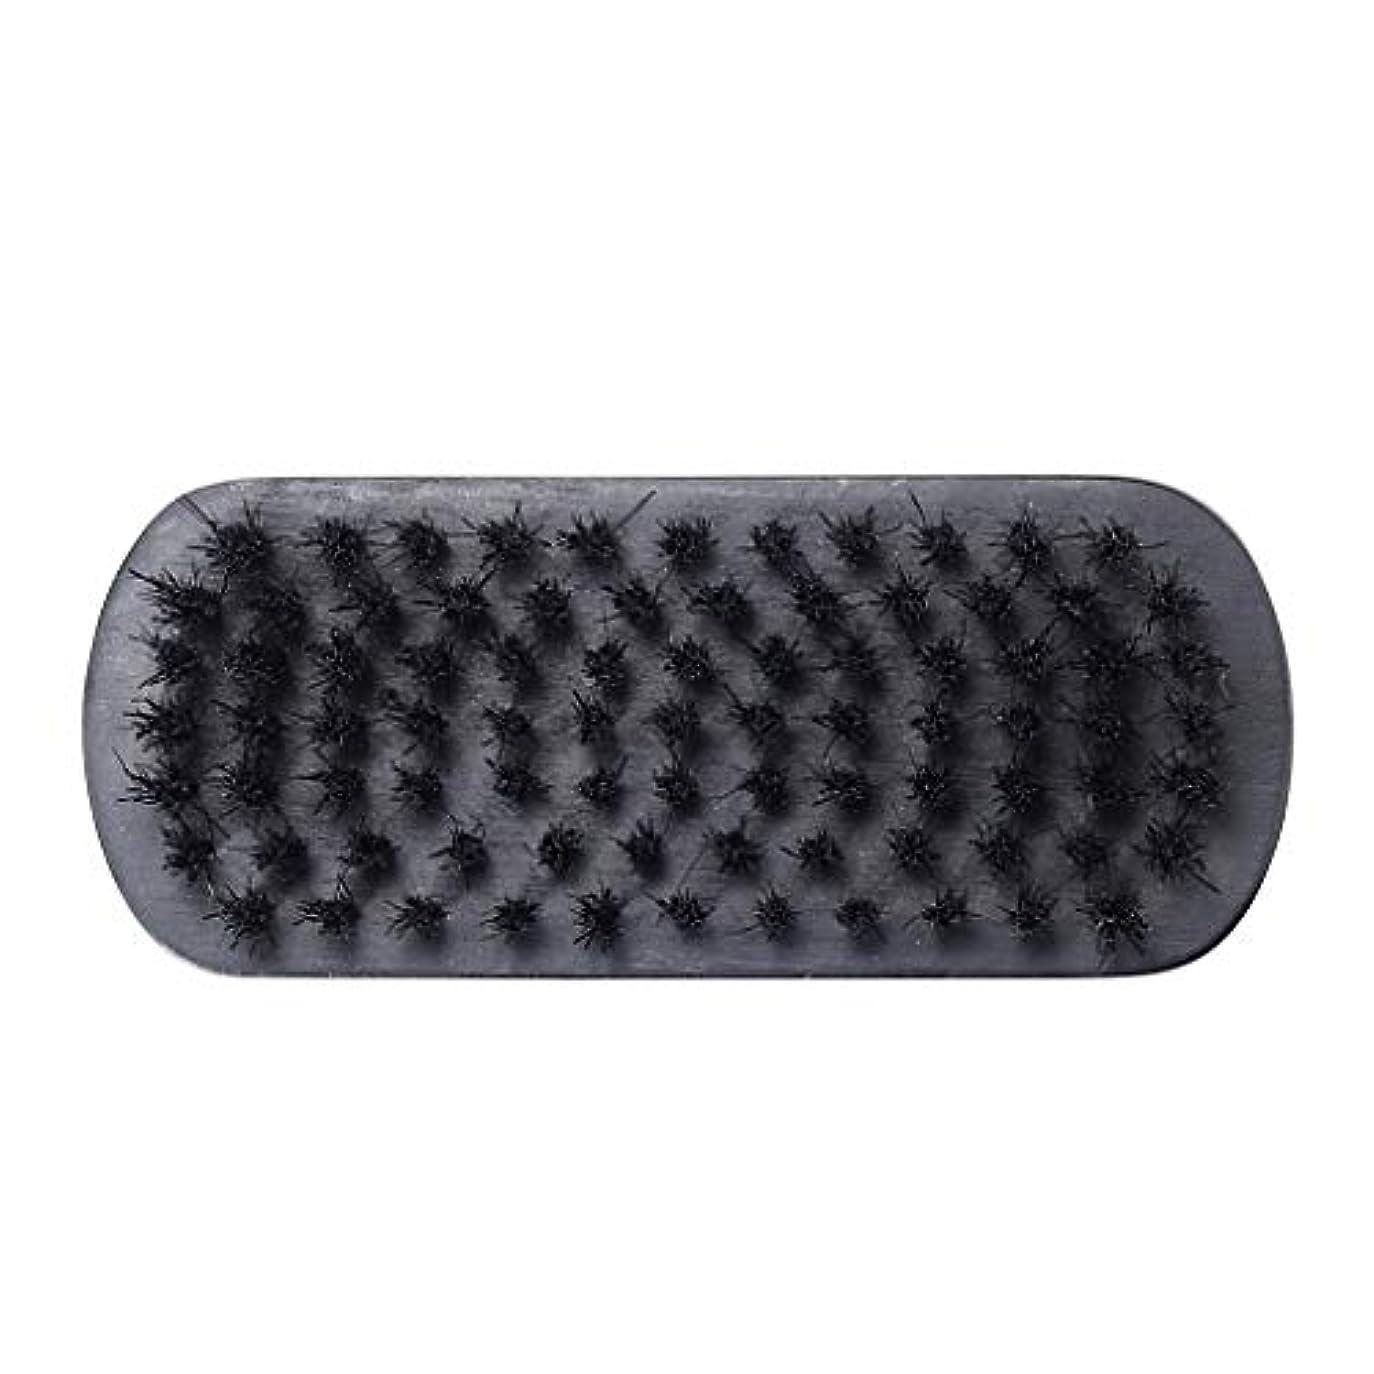 繊維コンテンツ飢饉旅行の理髪師のためのクリーニングをきれいにする人の口ひげのあごひげのブラシの顔の毛